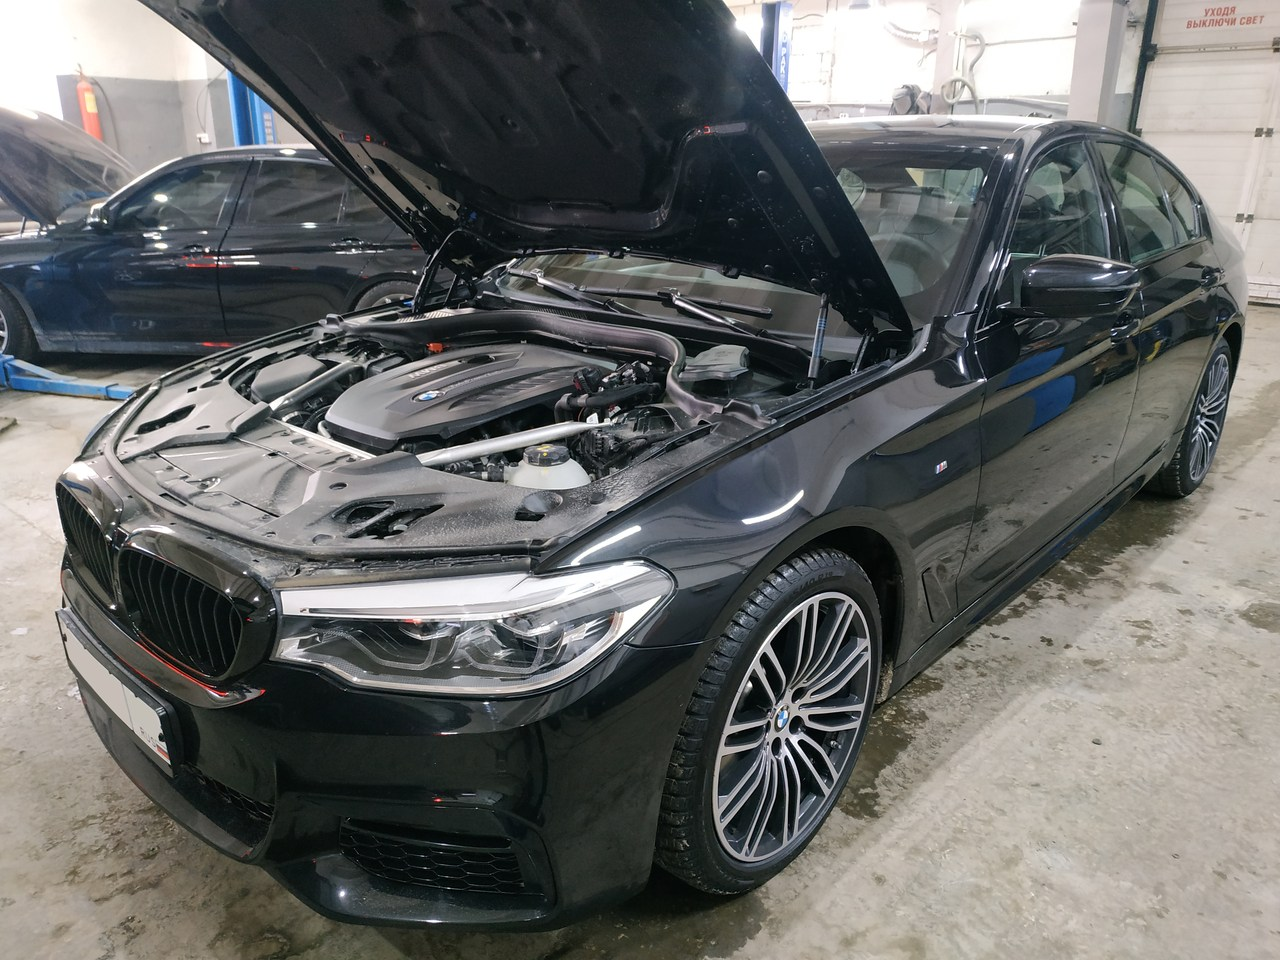 чип тюнинг Stage1+, BMW G30 530d